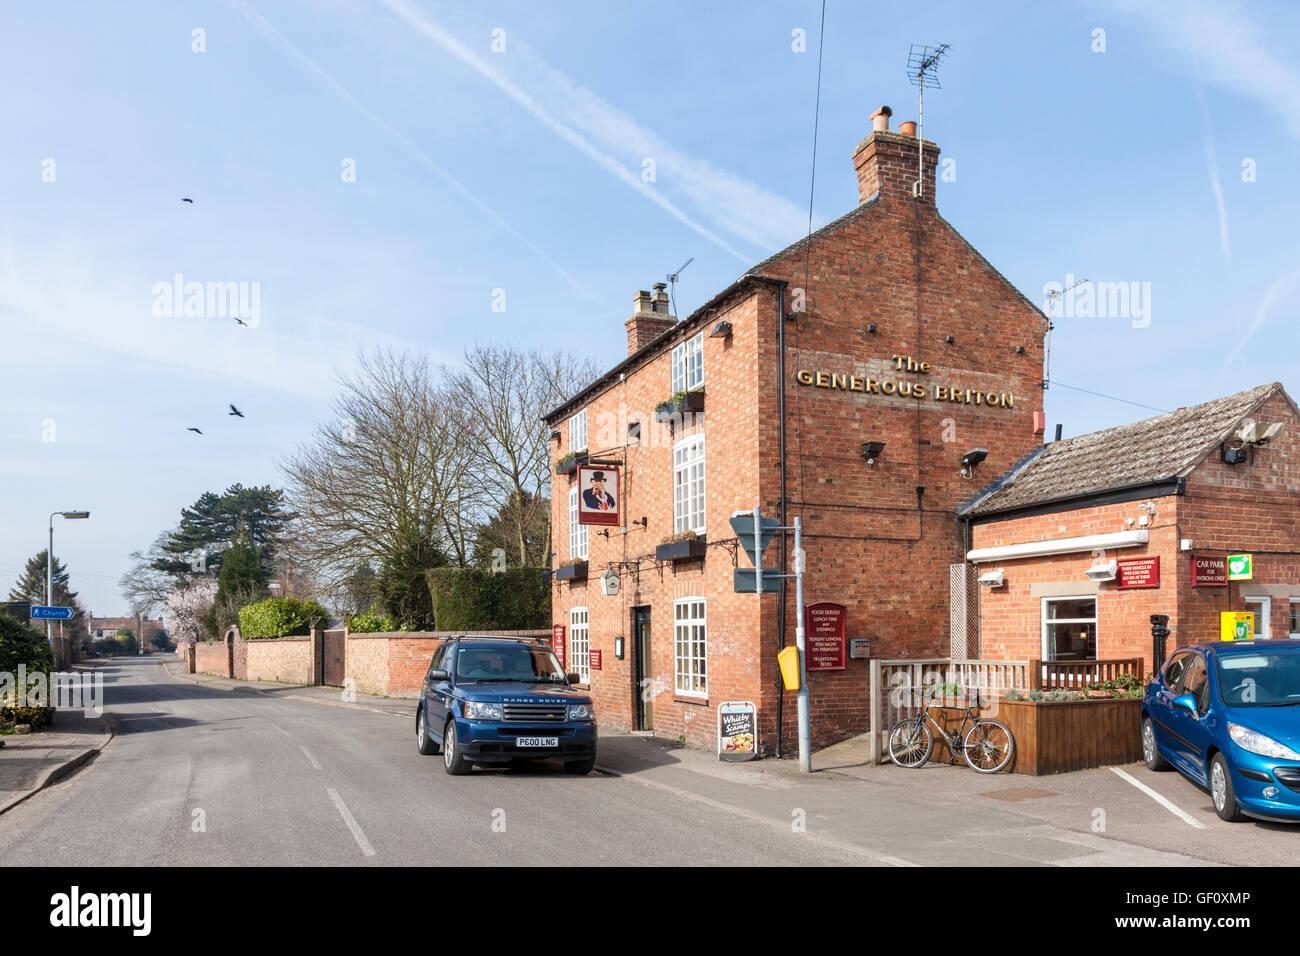 Le généreux Briton pub sur Rue principale dans le village de Costock, Lancashire, England, UK Photo Stock